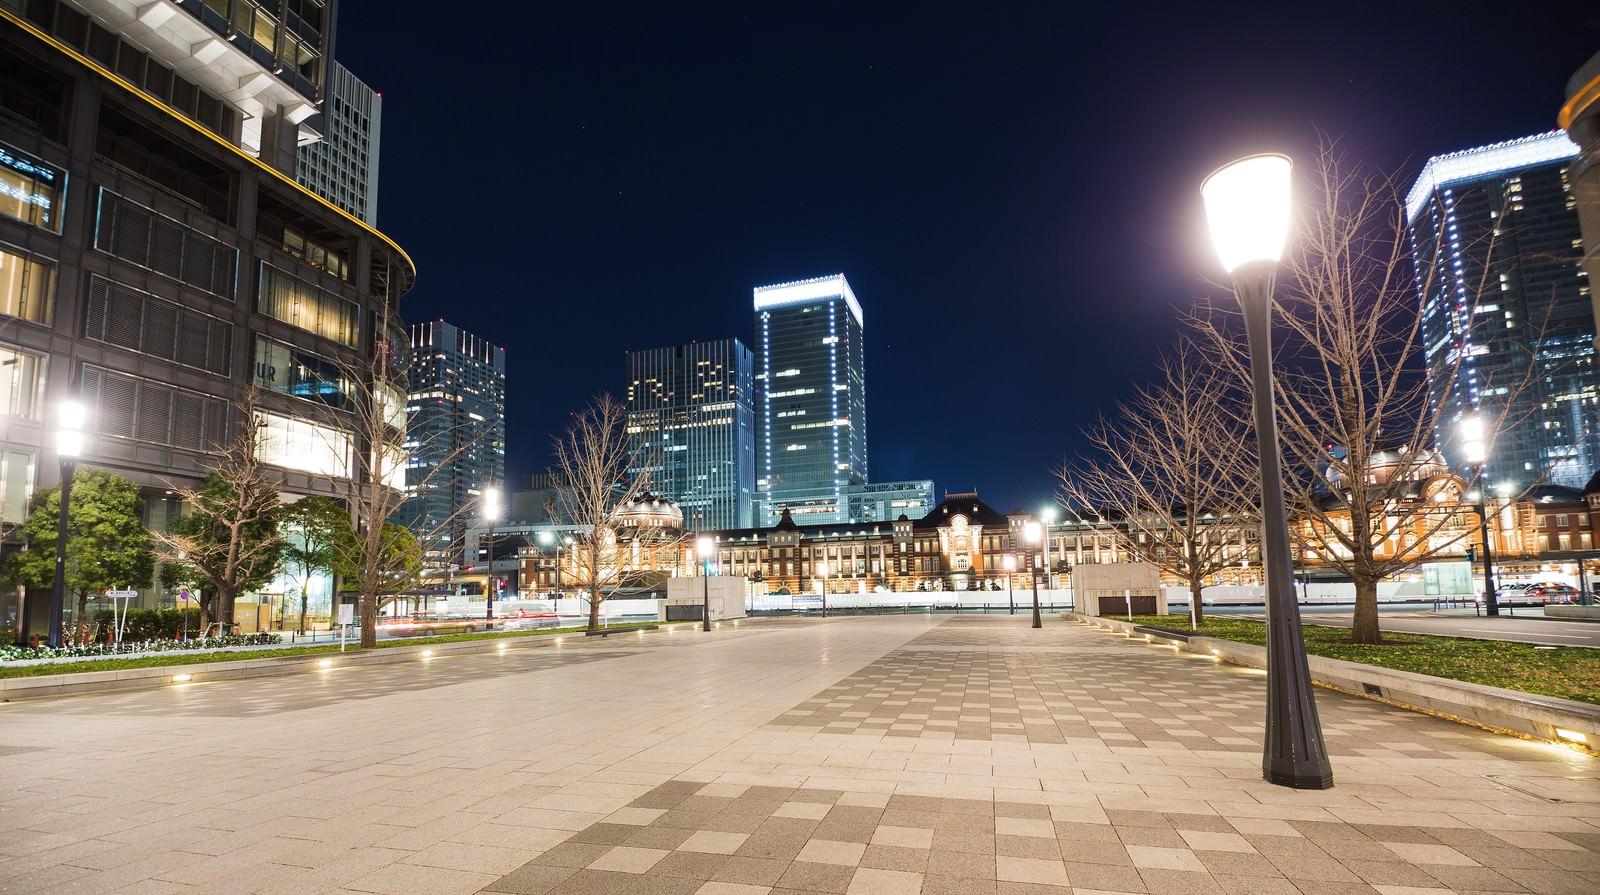 「夜の東京駅前と街灯夜の東京駅前と街灯」のフリー写真素材を拡大